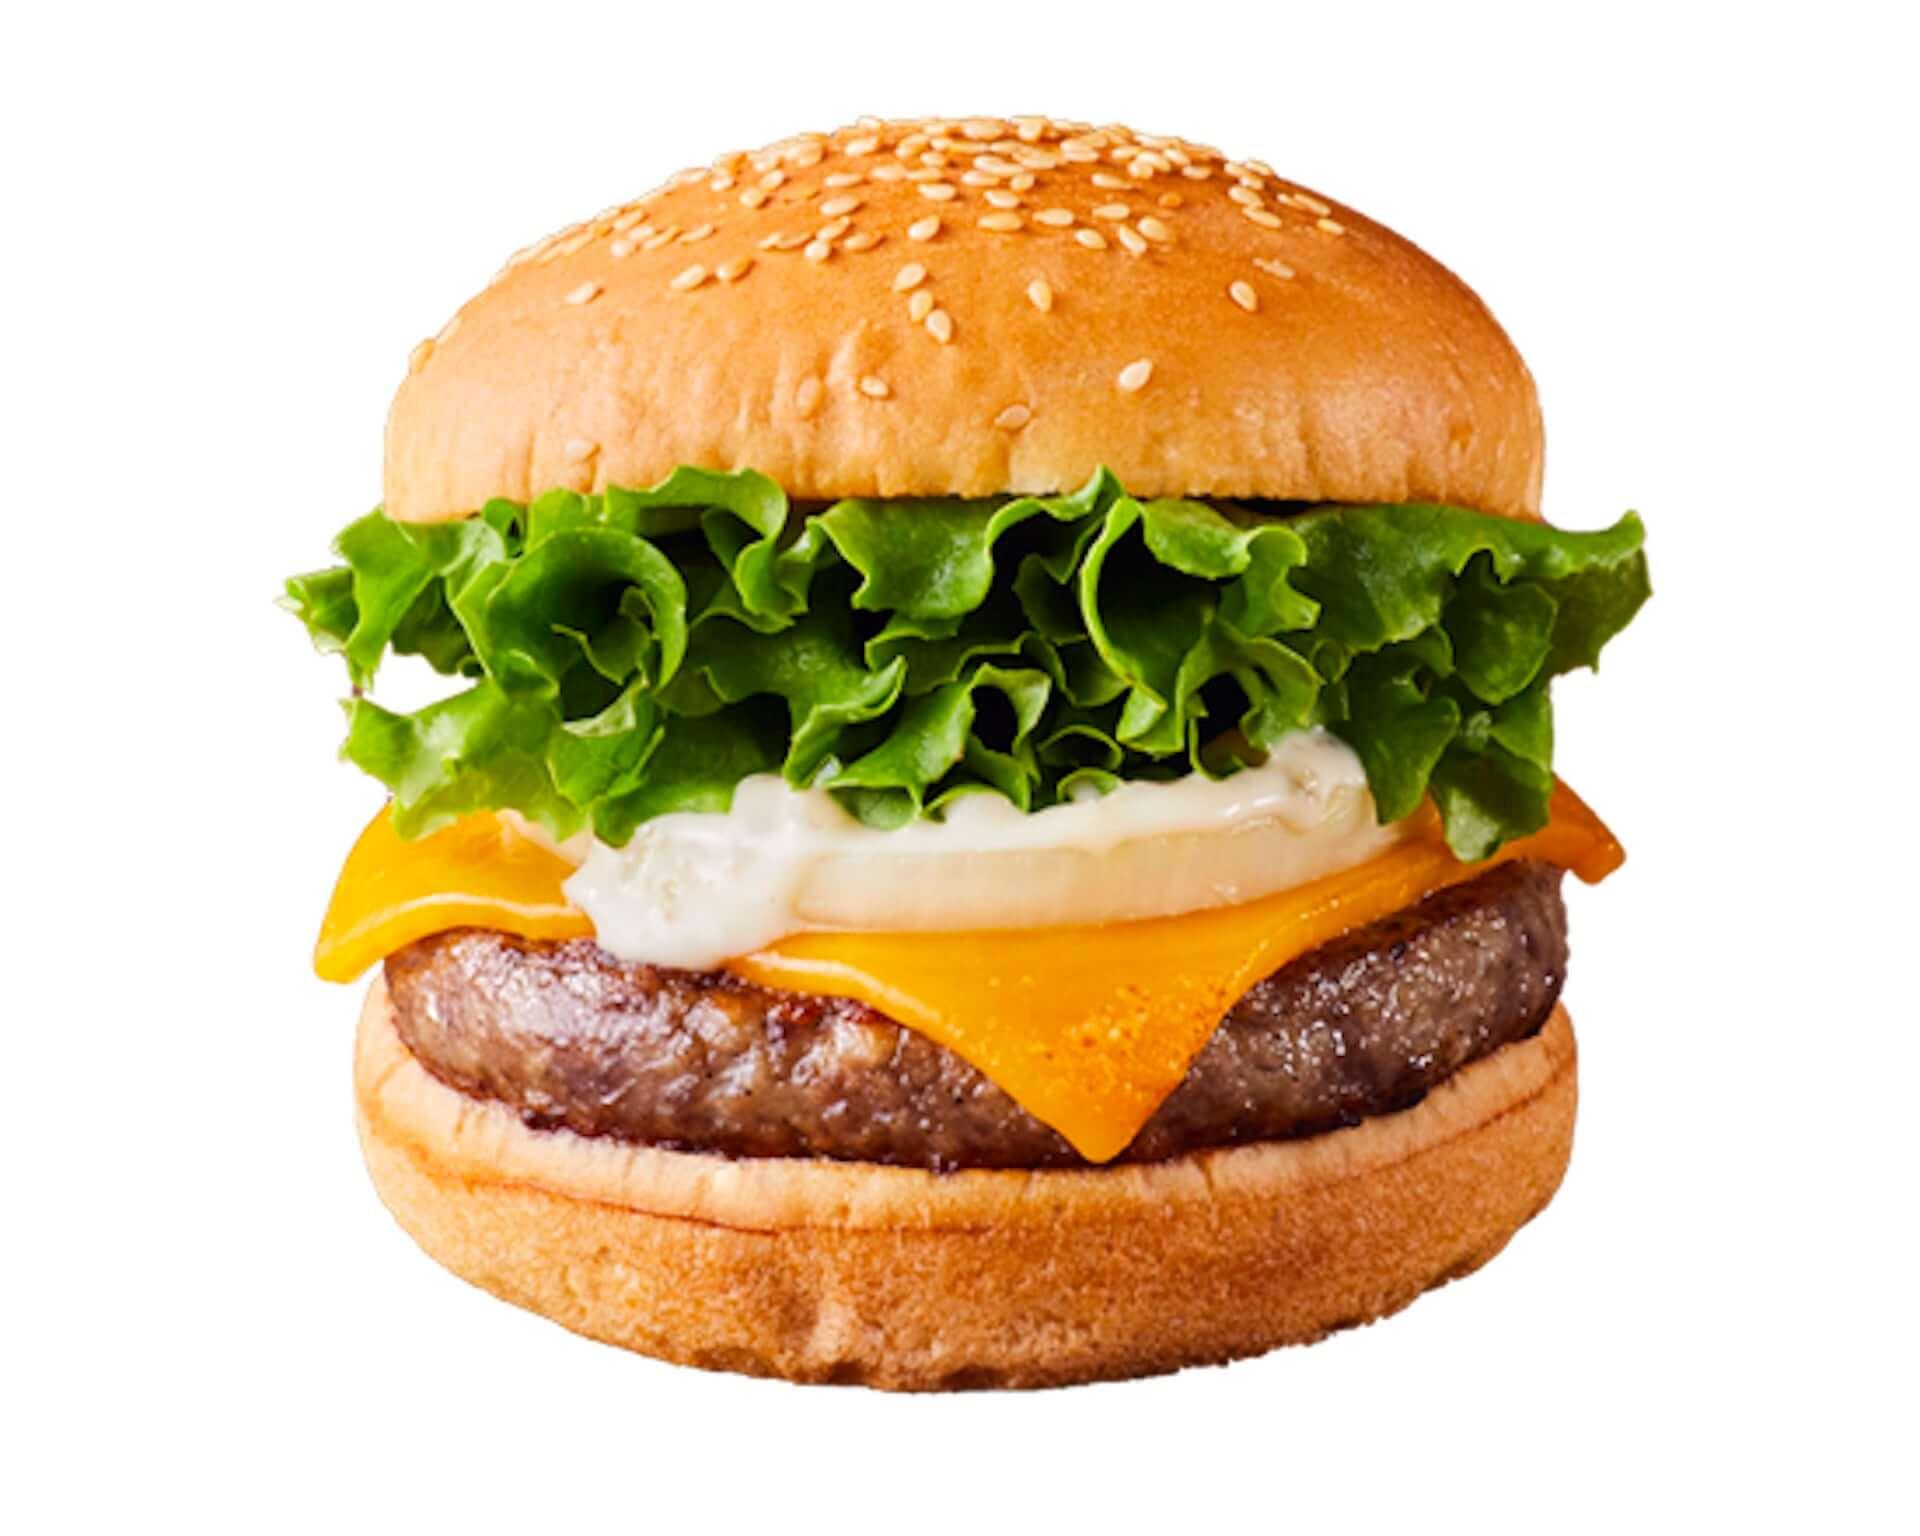 神戸牛肉の旨味たっぷりの「ブランド和牛バーガー」が今年もフレッシュネスバーガーに登場!期間限定商品『神戸牛バーガー』&『神戸牛チーズバーガー』が発売決定 gourmet201117_freshnessburger_5-1920x1536